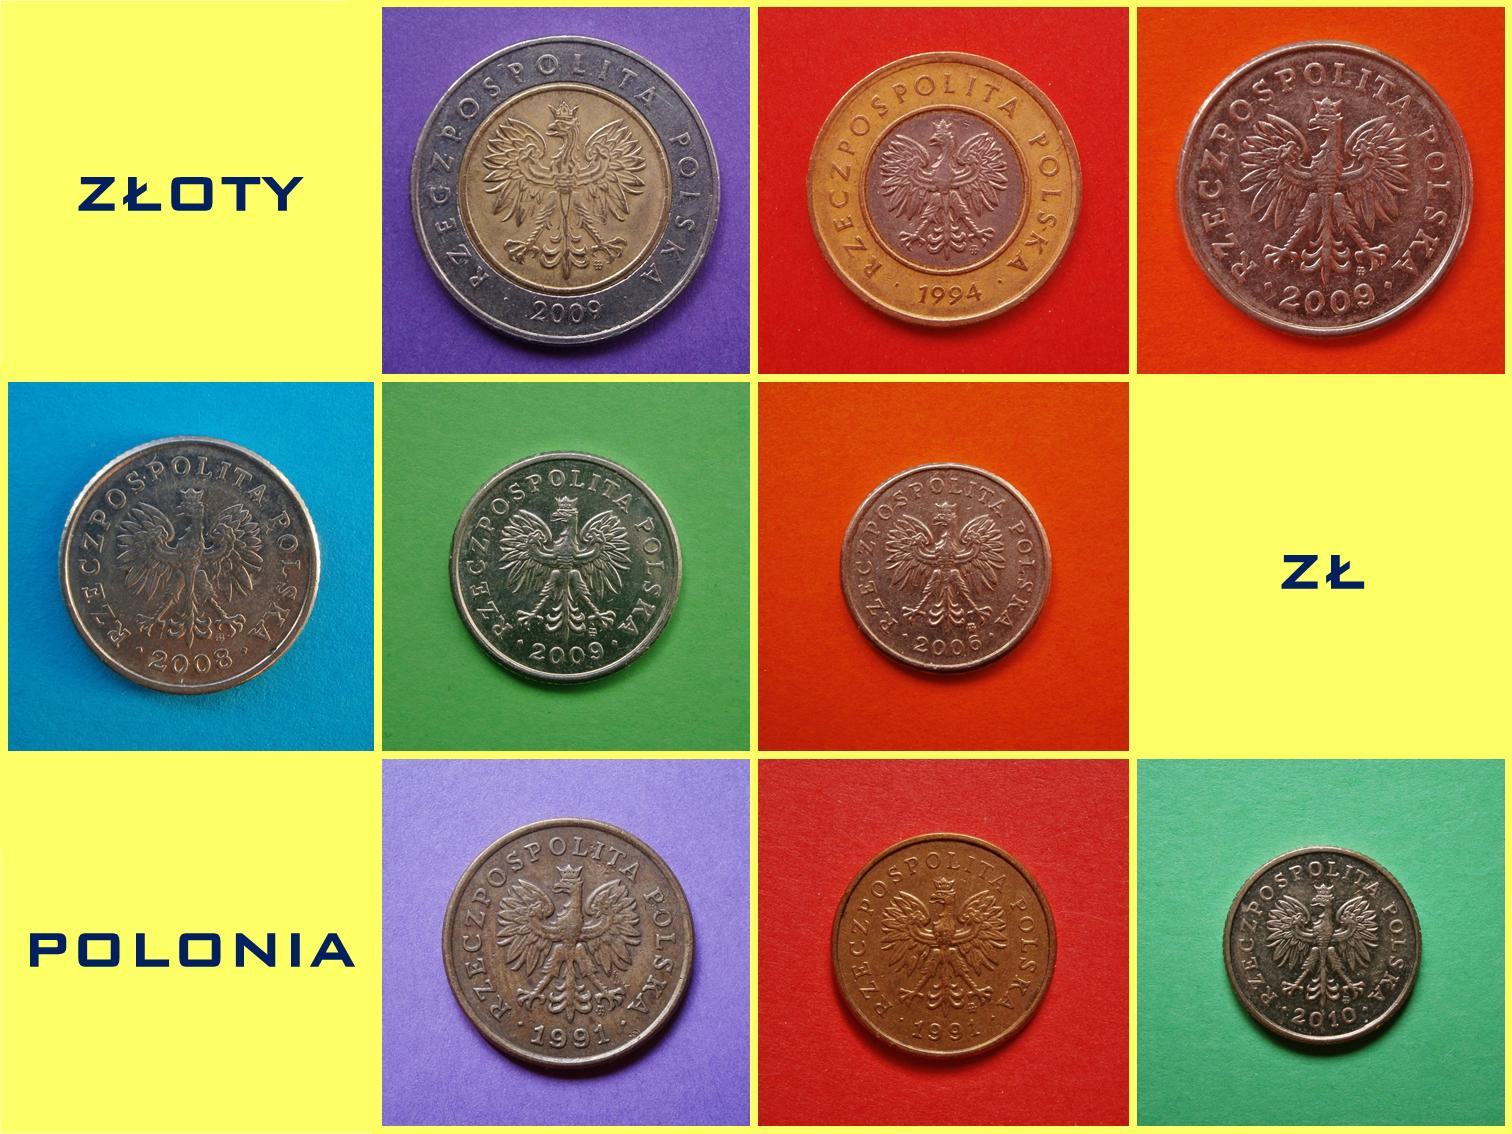 Zloty Polonia